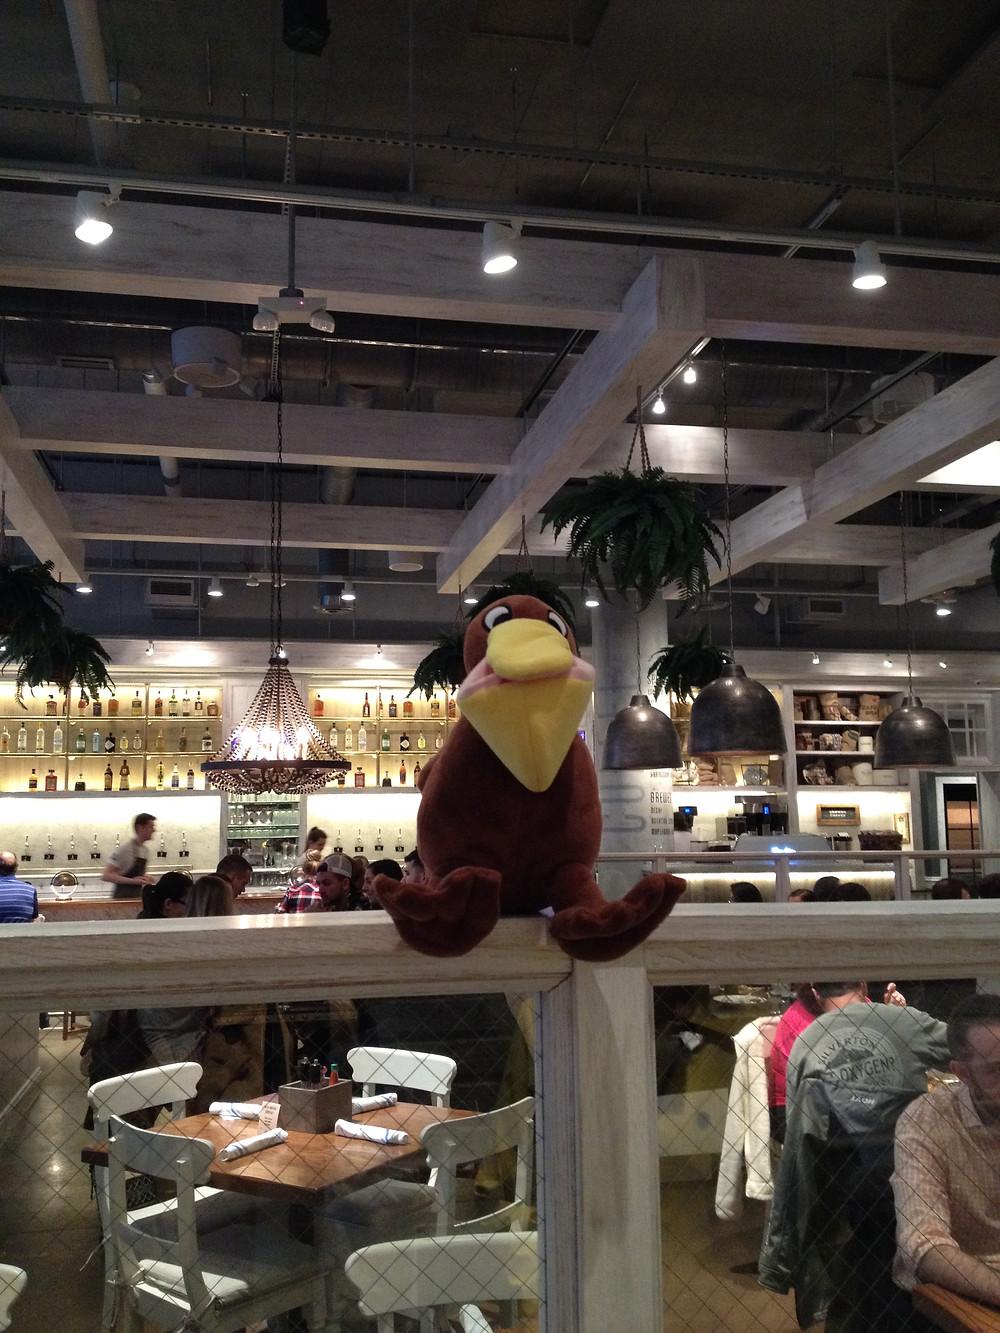 Peri in Maplewood Restaurant